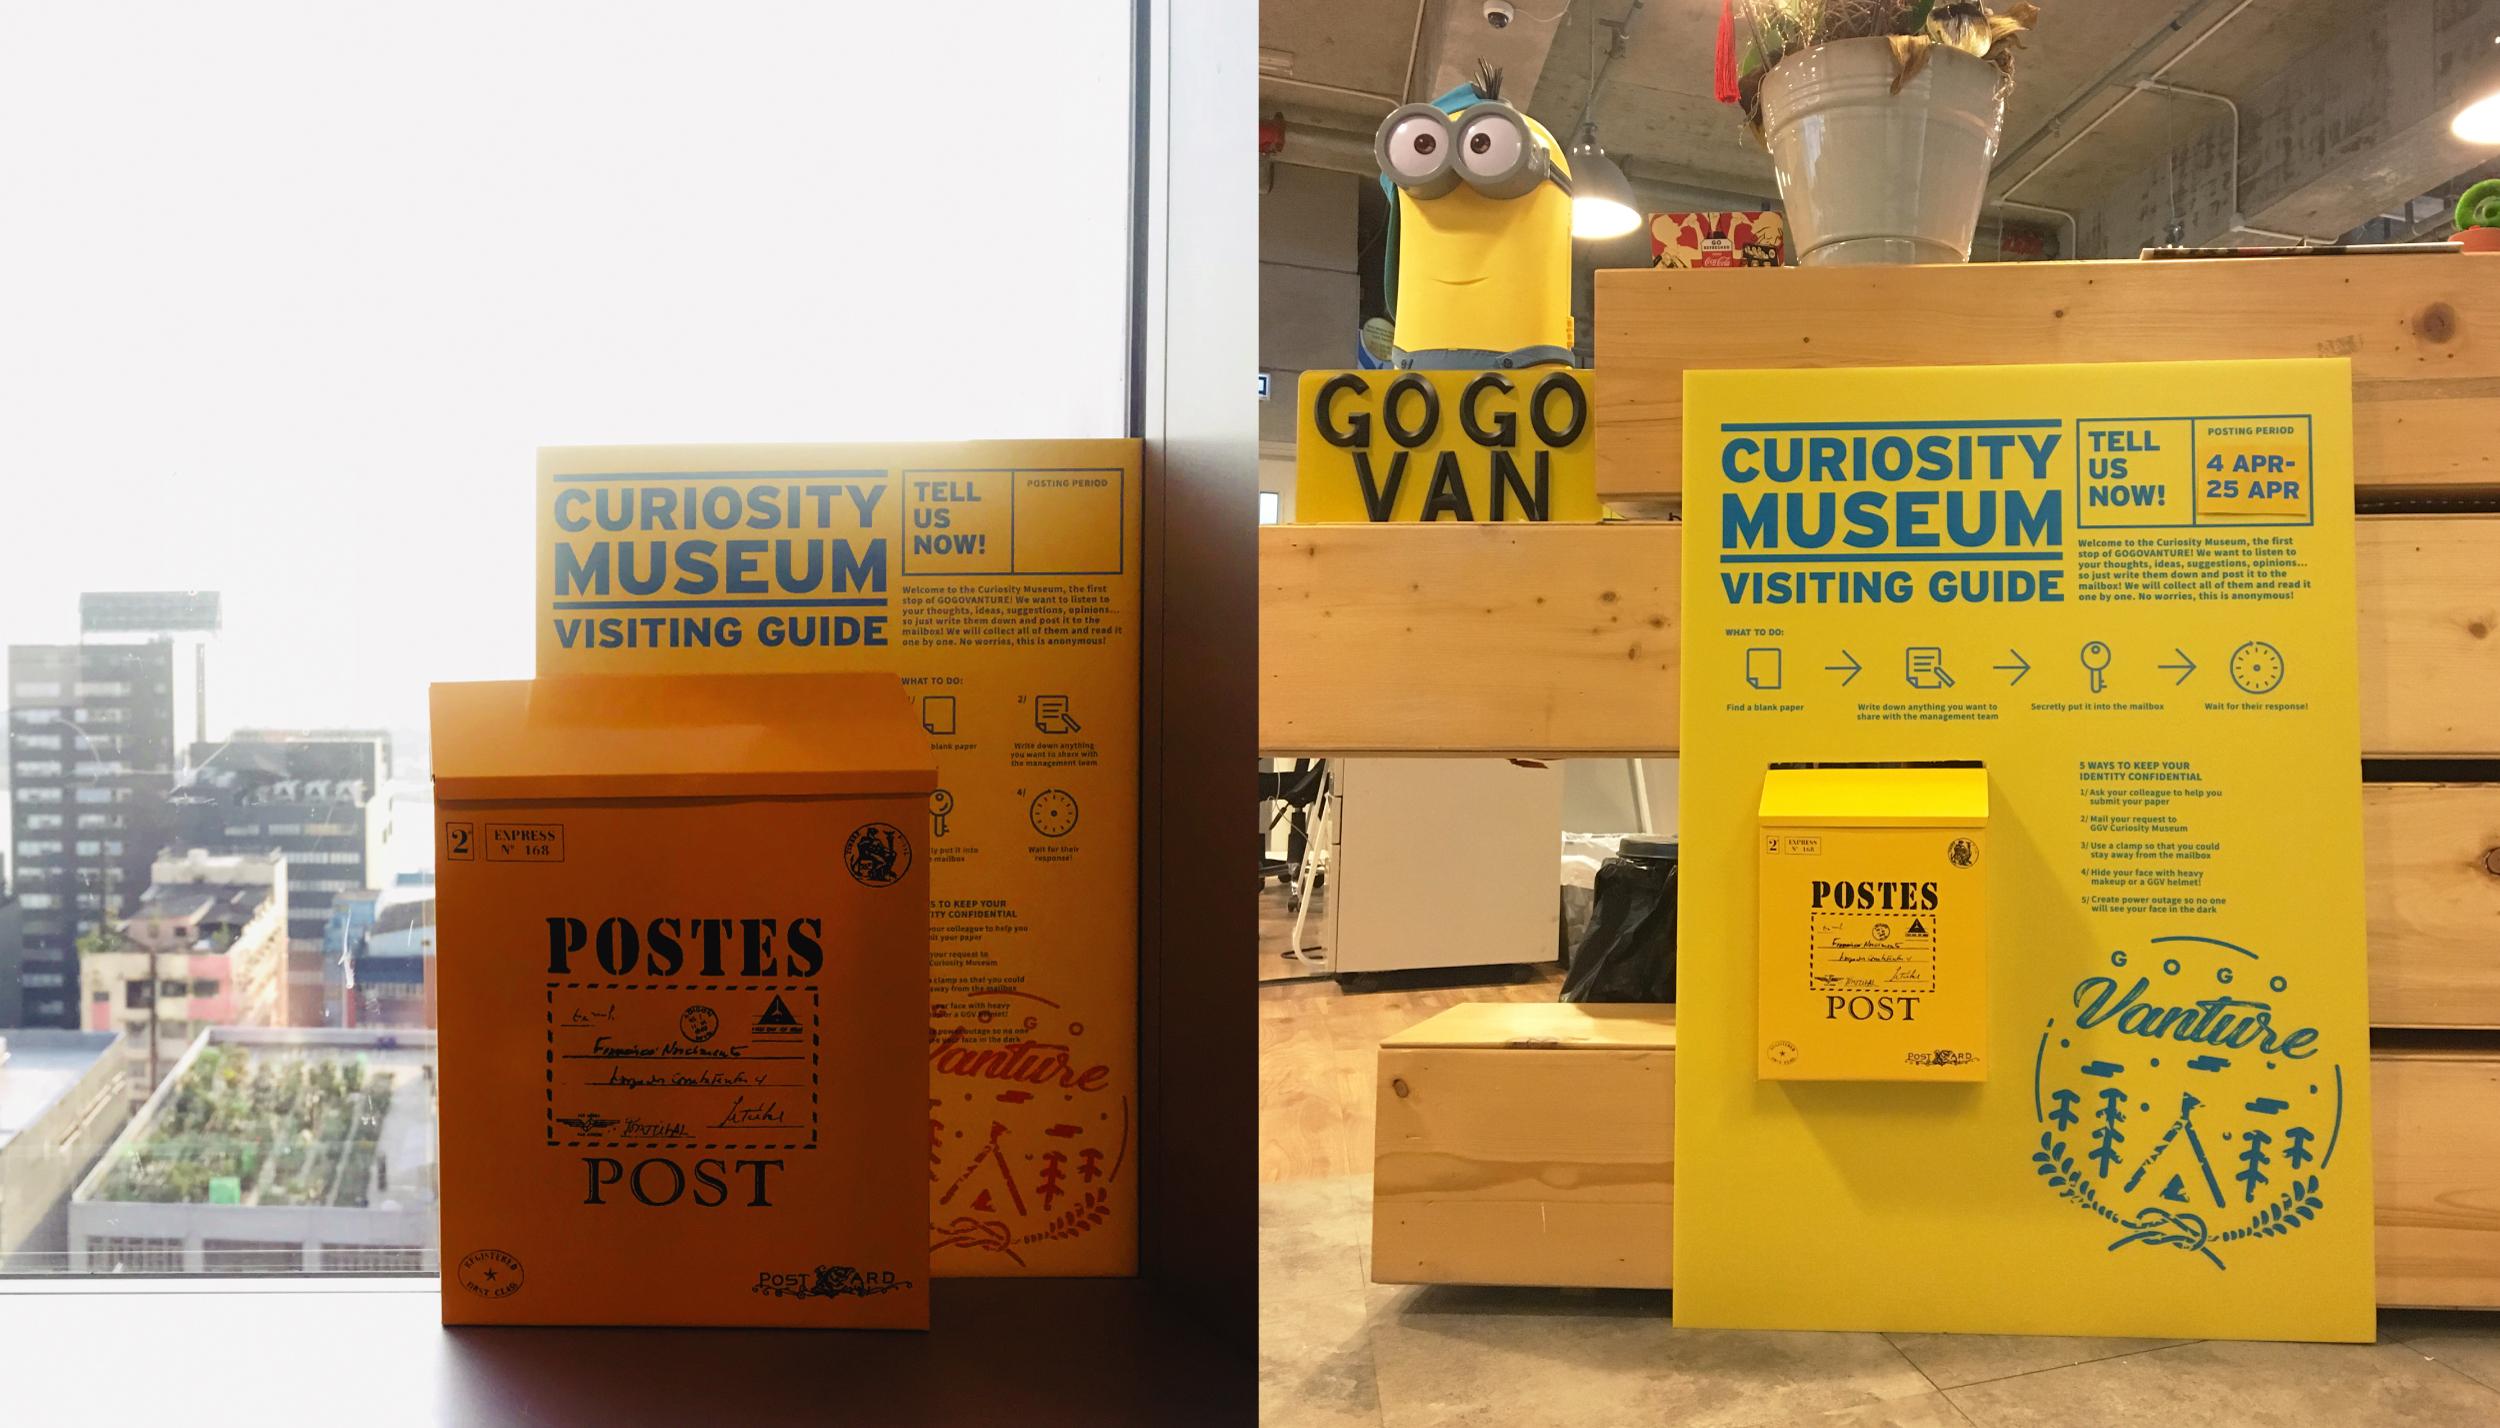 Curiosity Museum